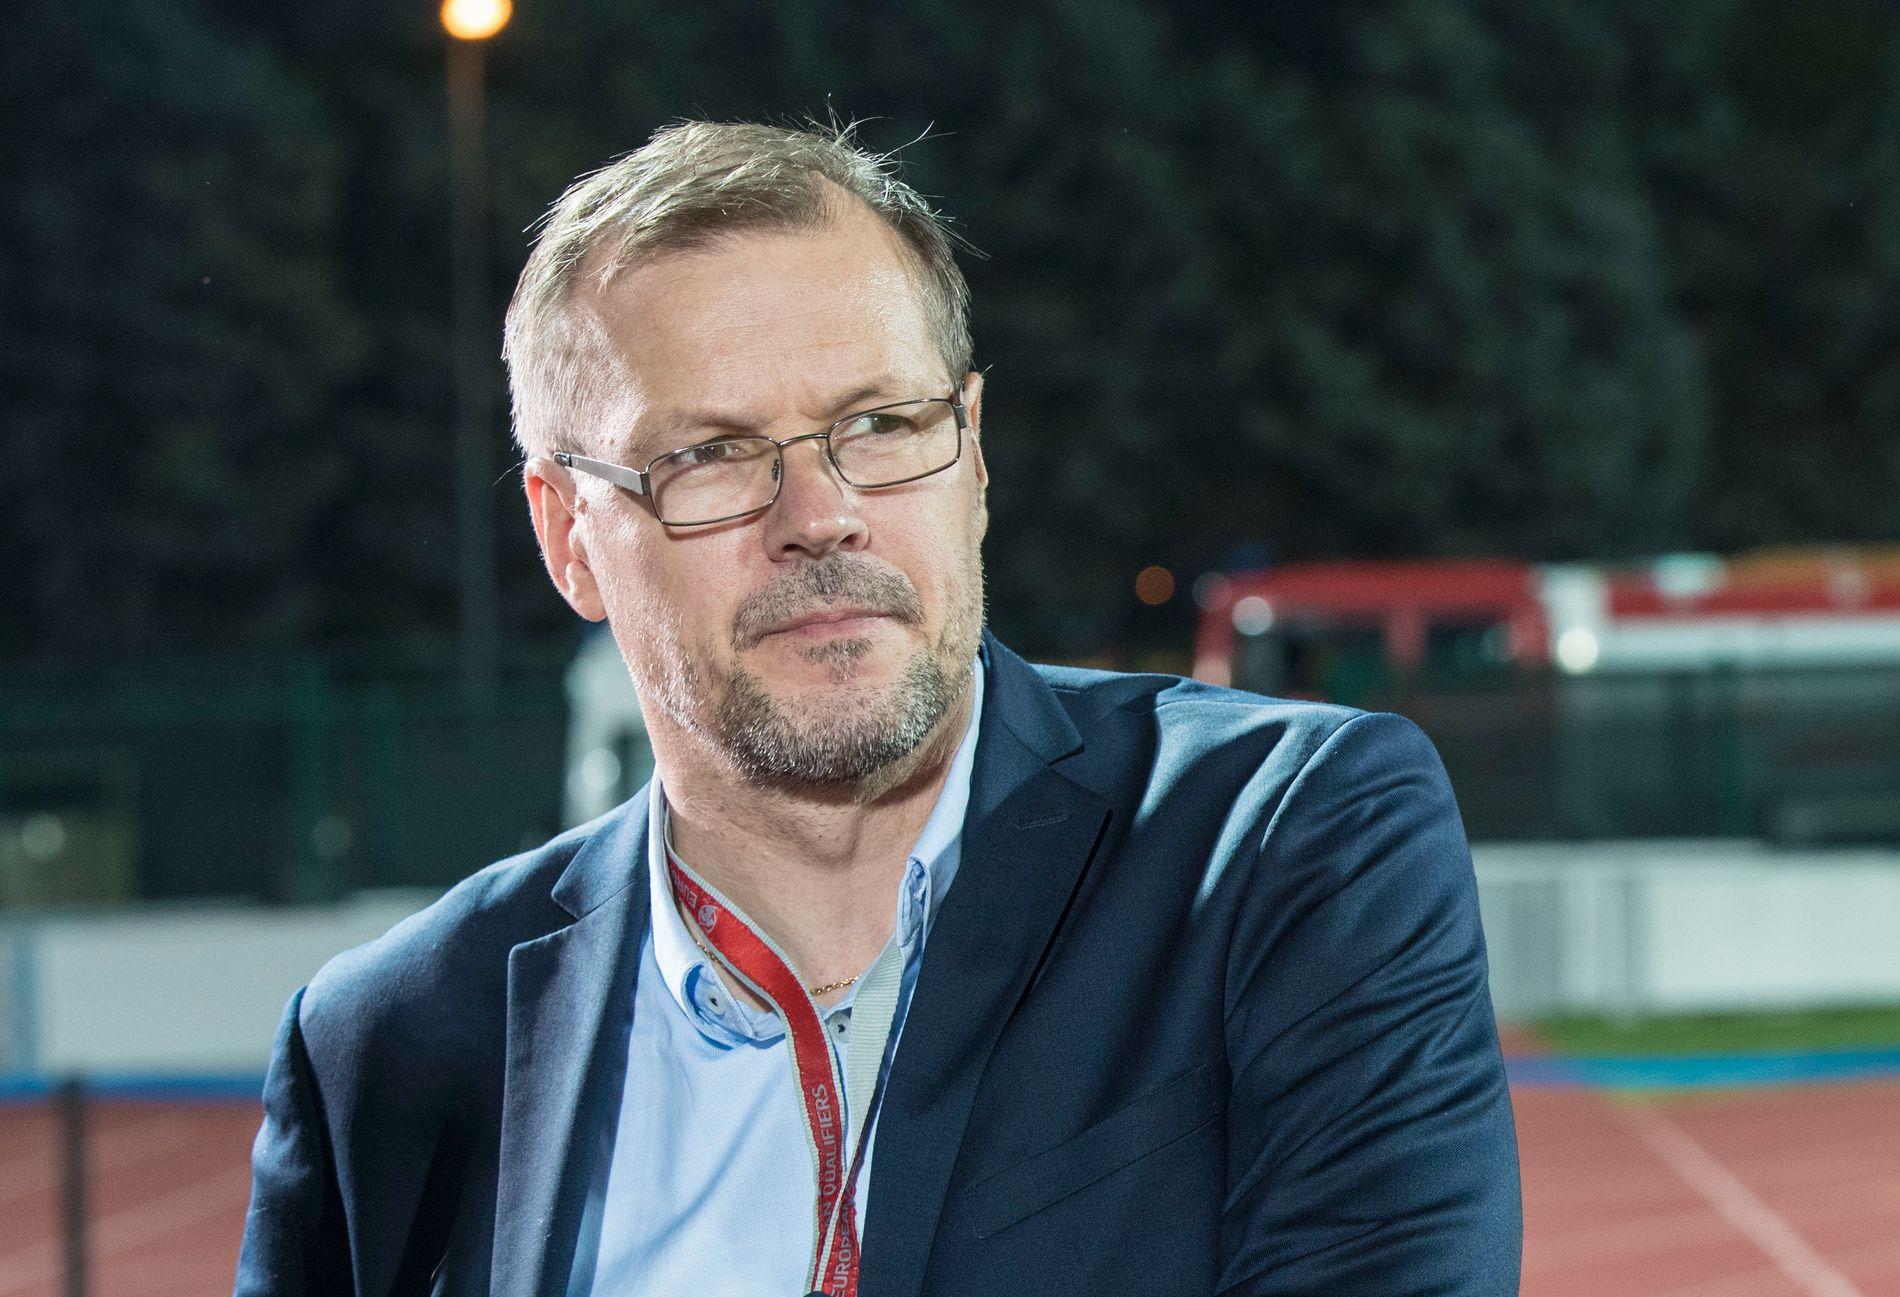 TIDLIGERE VIF-TRENER: Kjetil Rekdal trente Vålerenga til gull i 2005. Han har trent laget i to ulike perioder. Her som ekspert i 2017 i forbindelse med en landskamp.